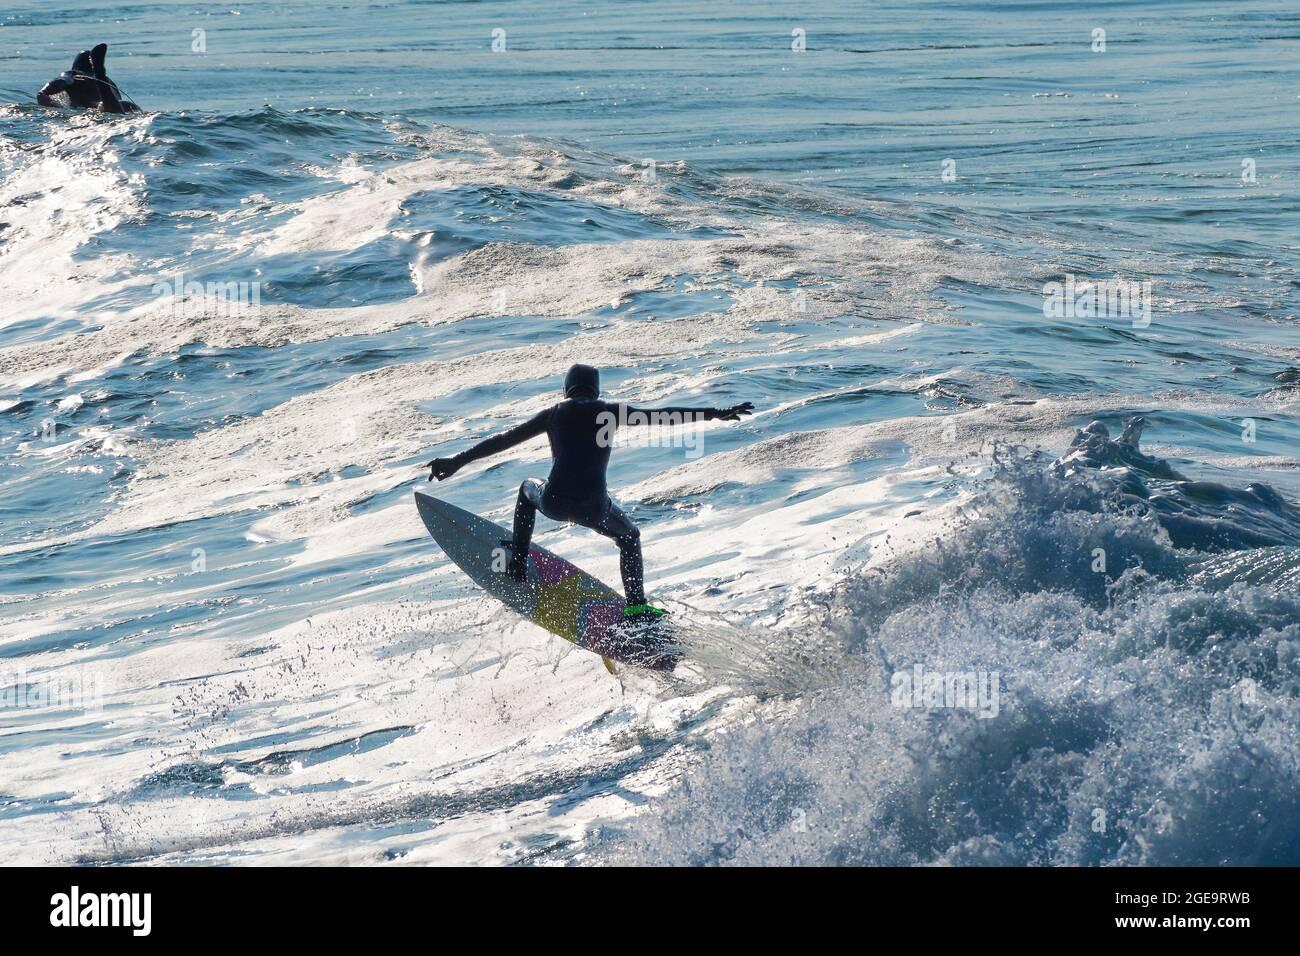 Un surfeur effectuant un tour d'avion à cheval sur une vague dans la baie de Fistral à Newquay, en Cornouailles. Banque D'Images